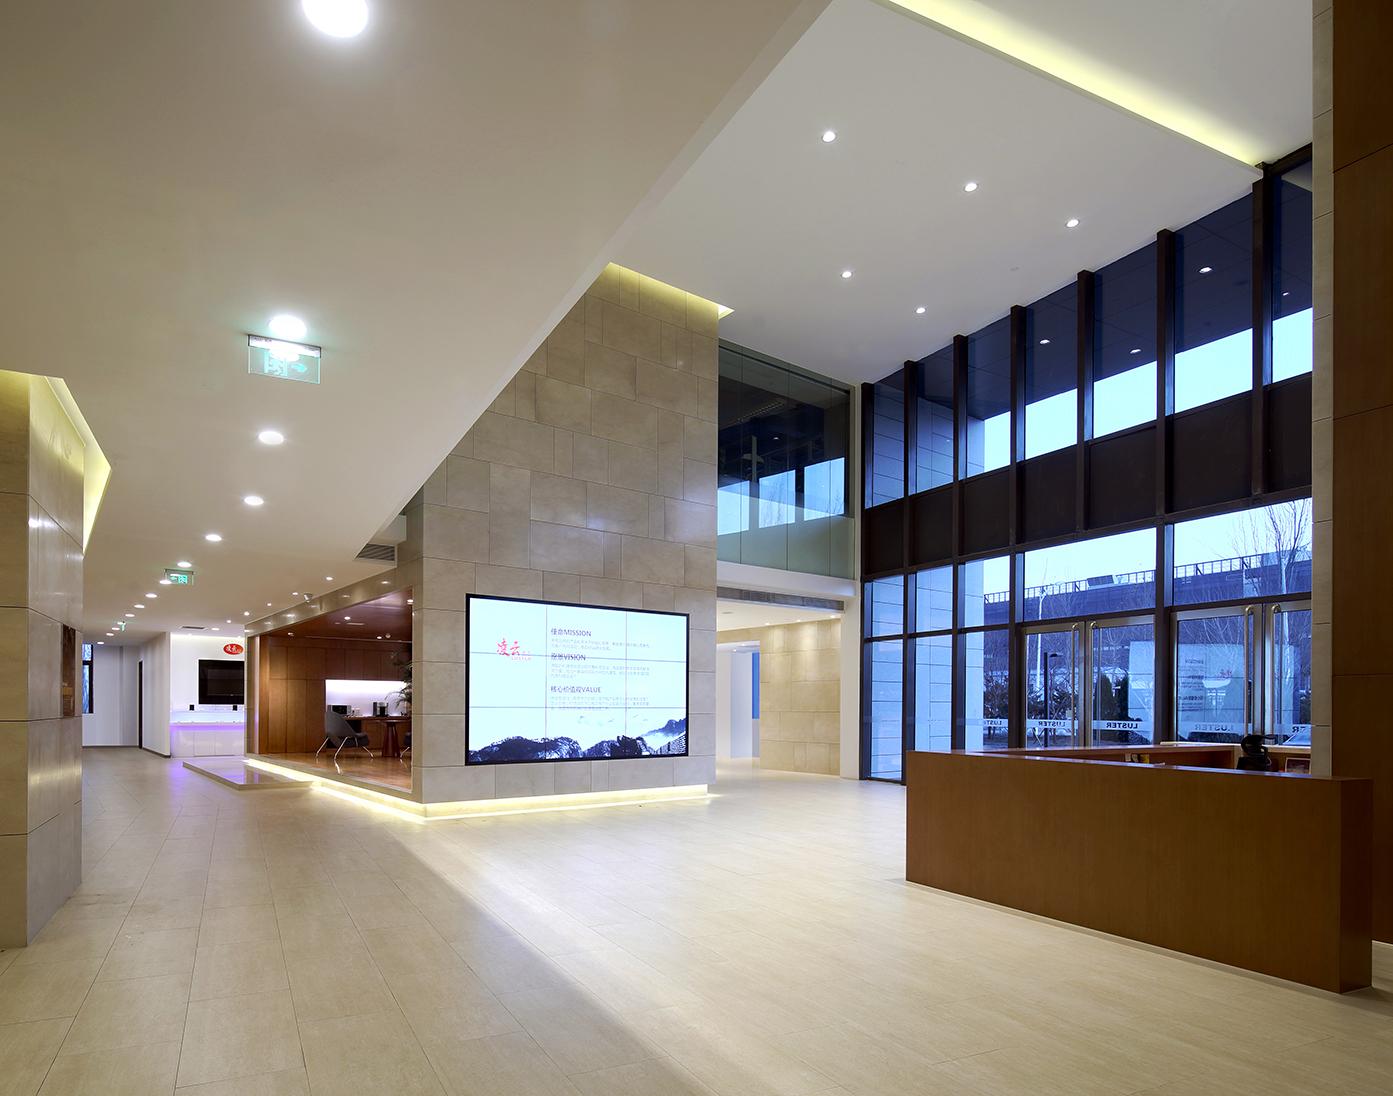 凌云光技术集团设计的总部大厦